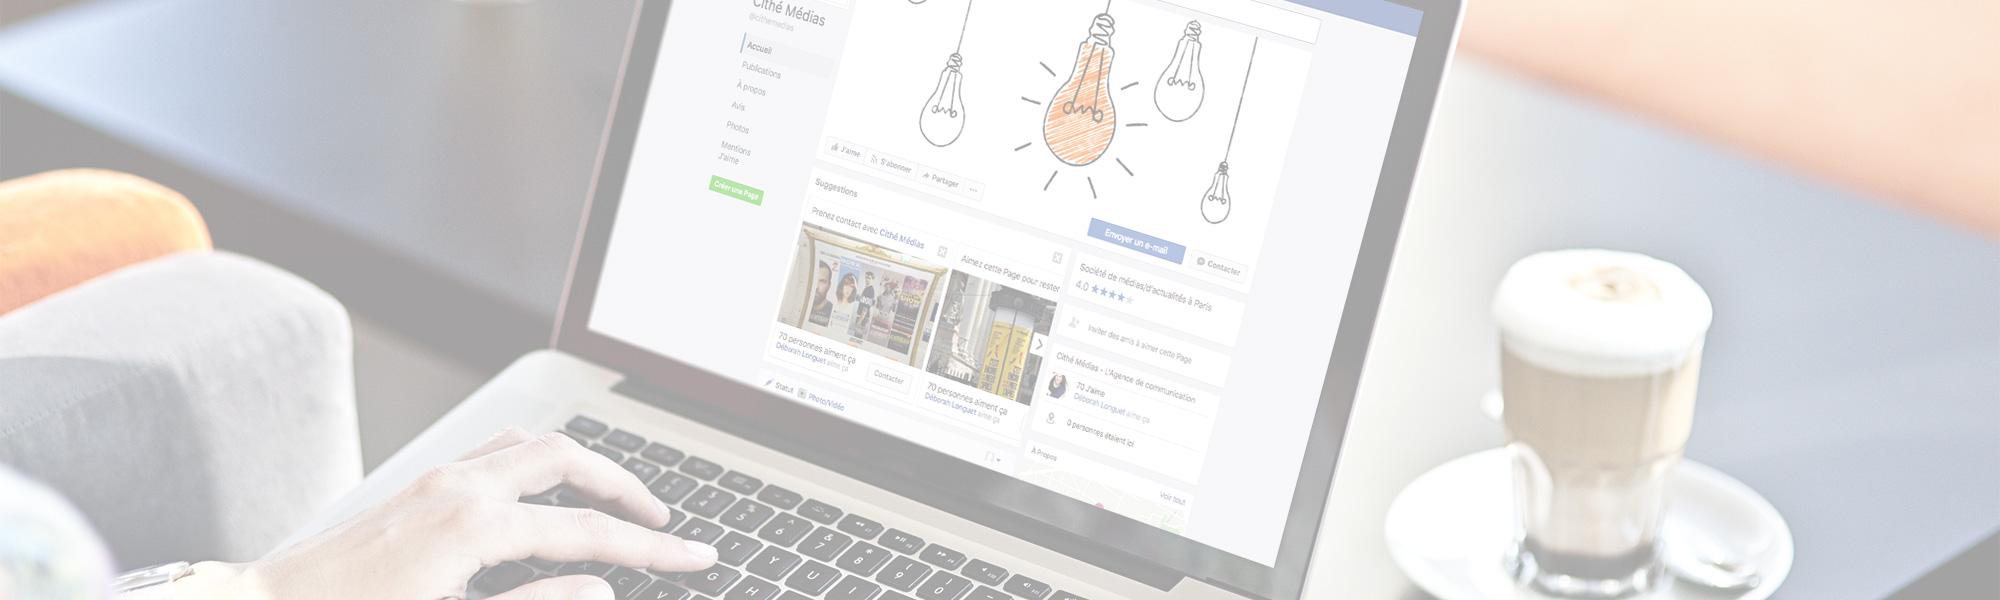 6 astuces pour optimiser votre page Facebook